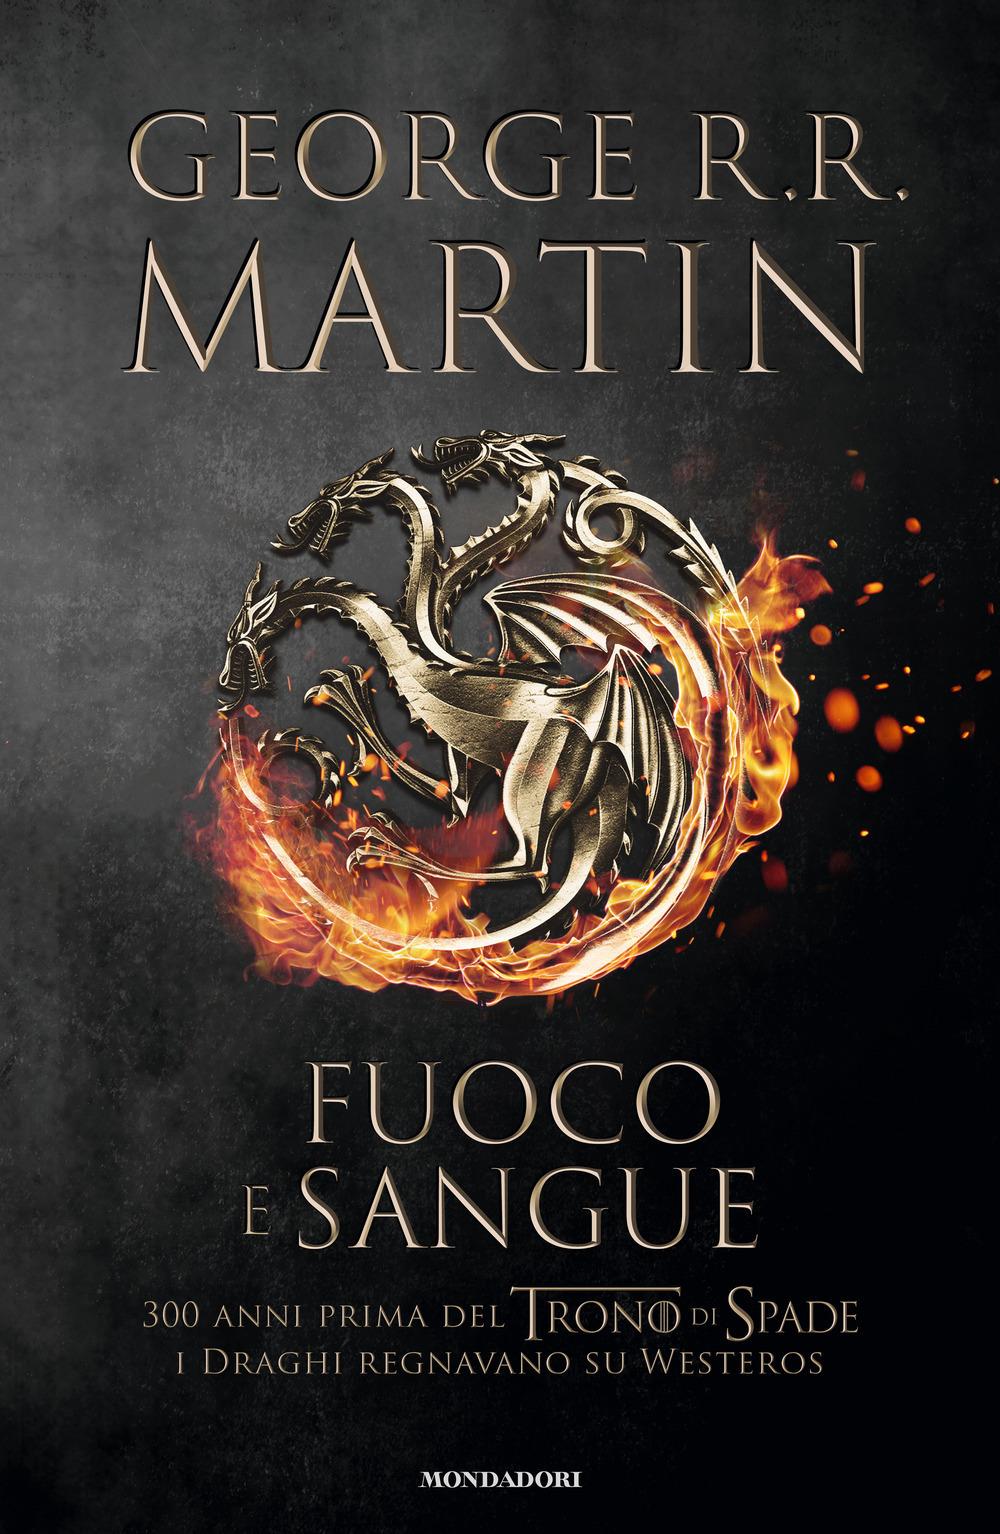 Cover Fuoco e Sangue il nuovo libro diGeorge R. R. Martin